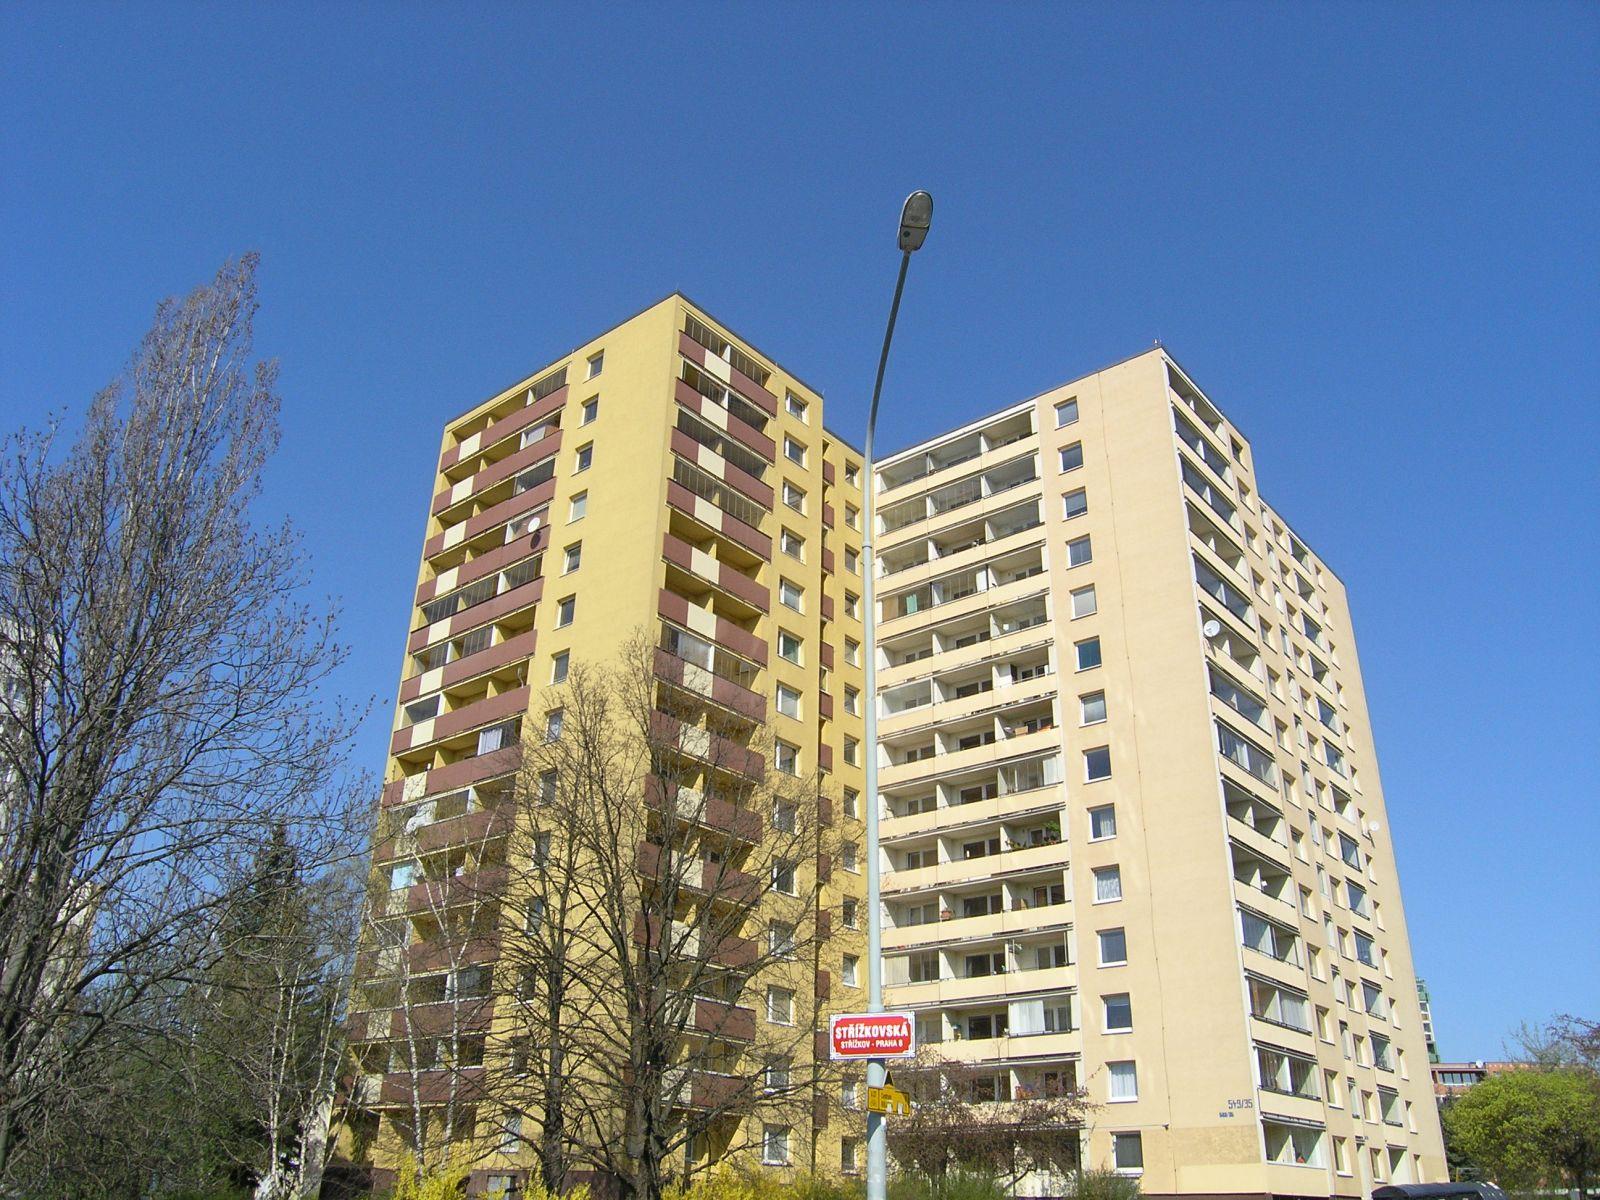 Prodej rekonstruovaného družstevního bytu 1+kk se sklepem, ul. Střížkovská, Praha 9 - Střížkov